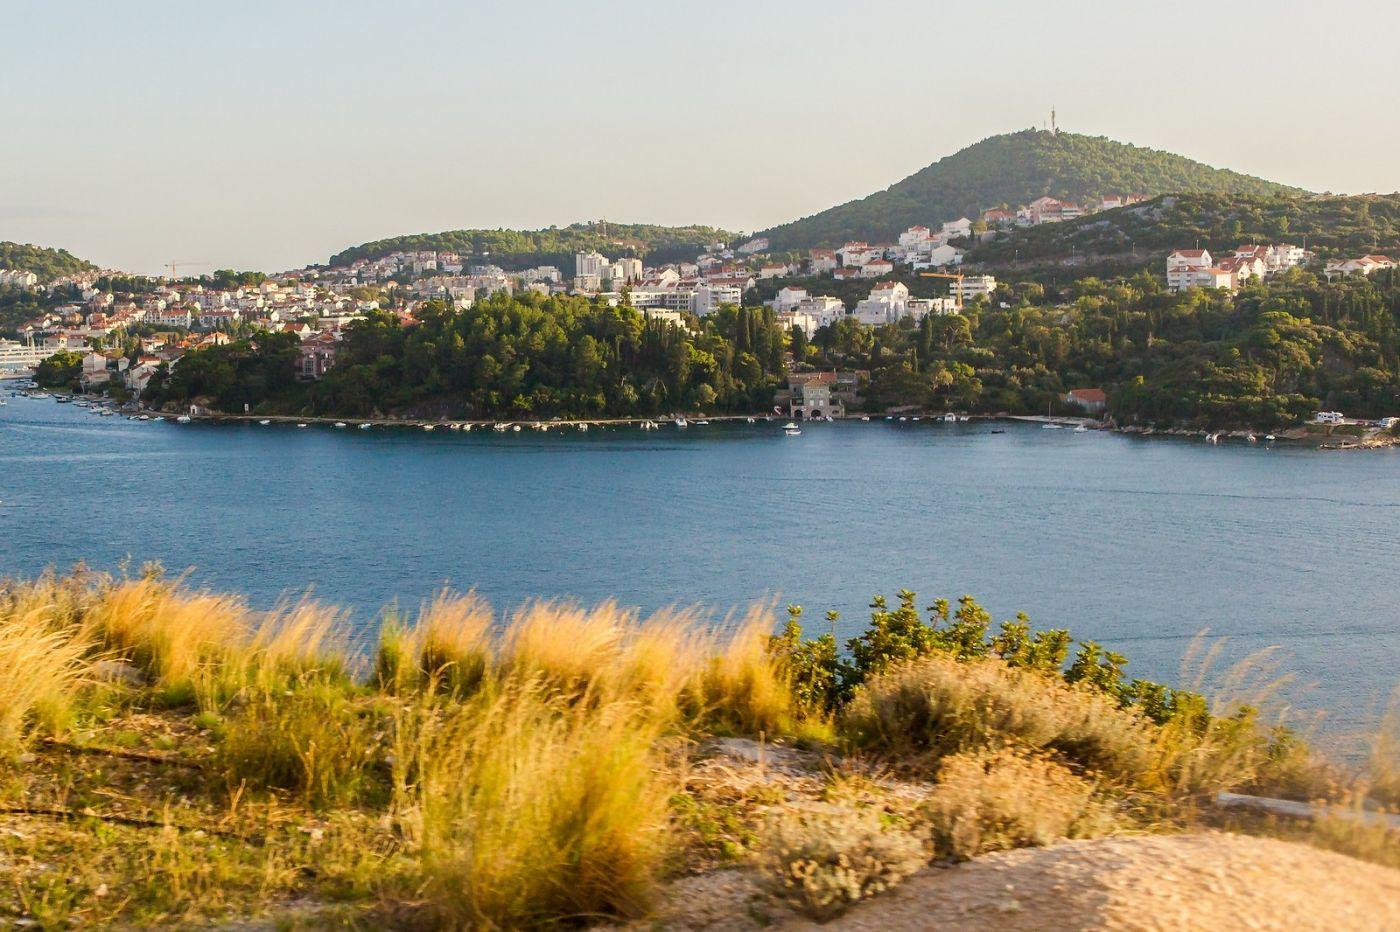 克罗地亚旅途,海岸线景色_图1-9